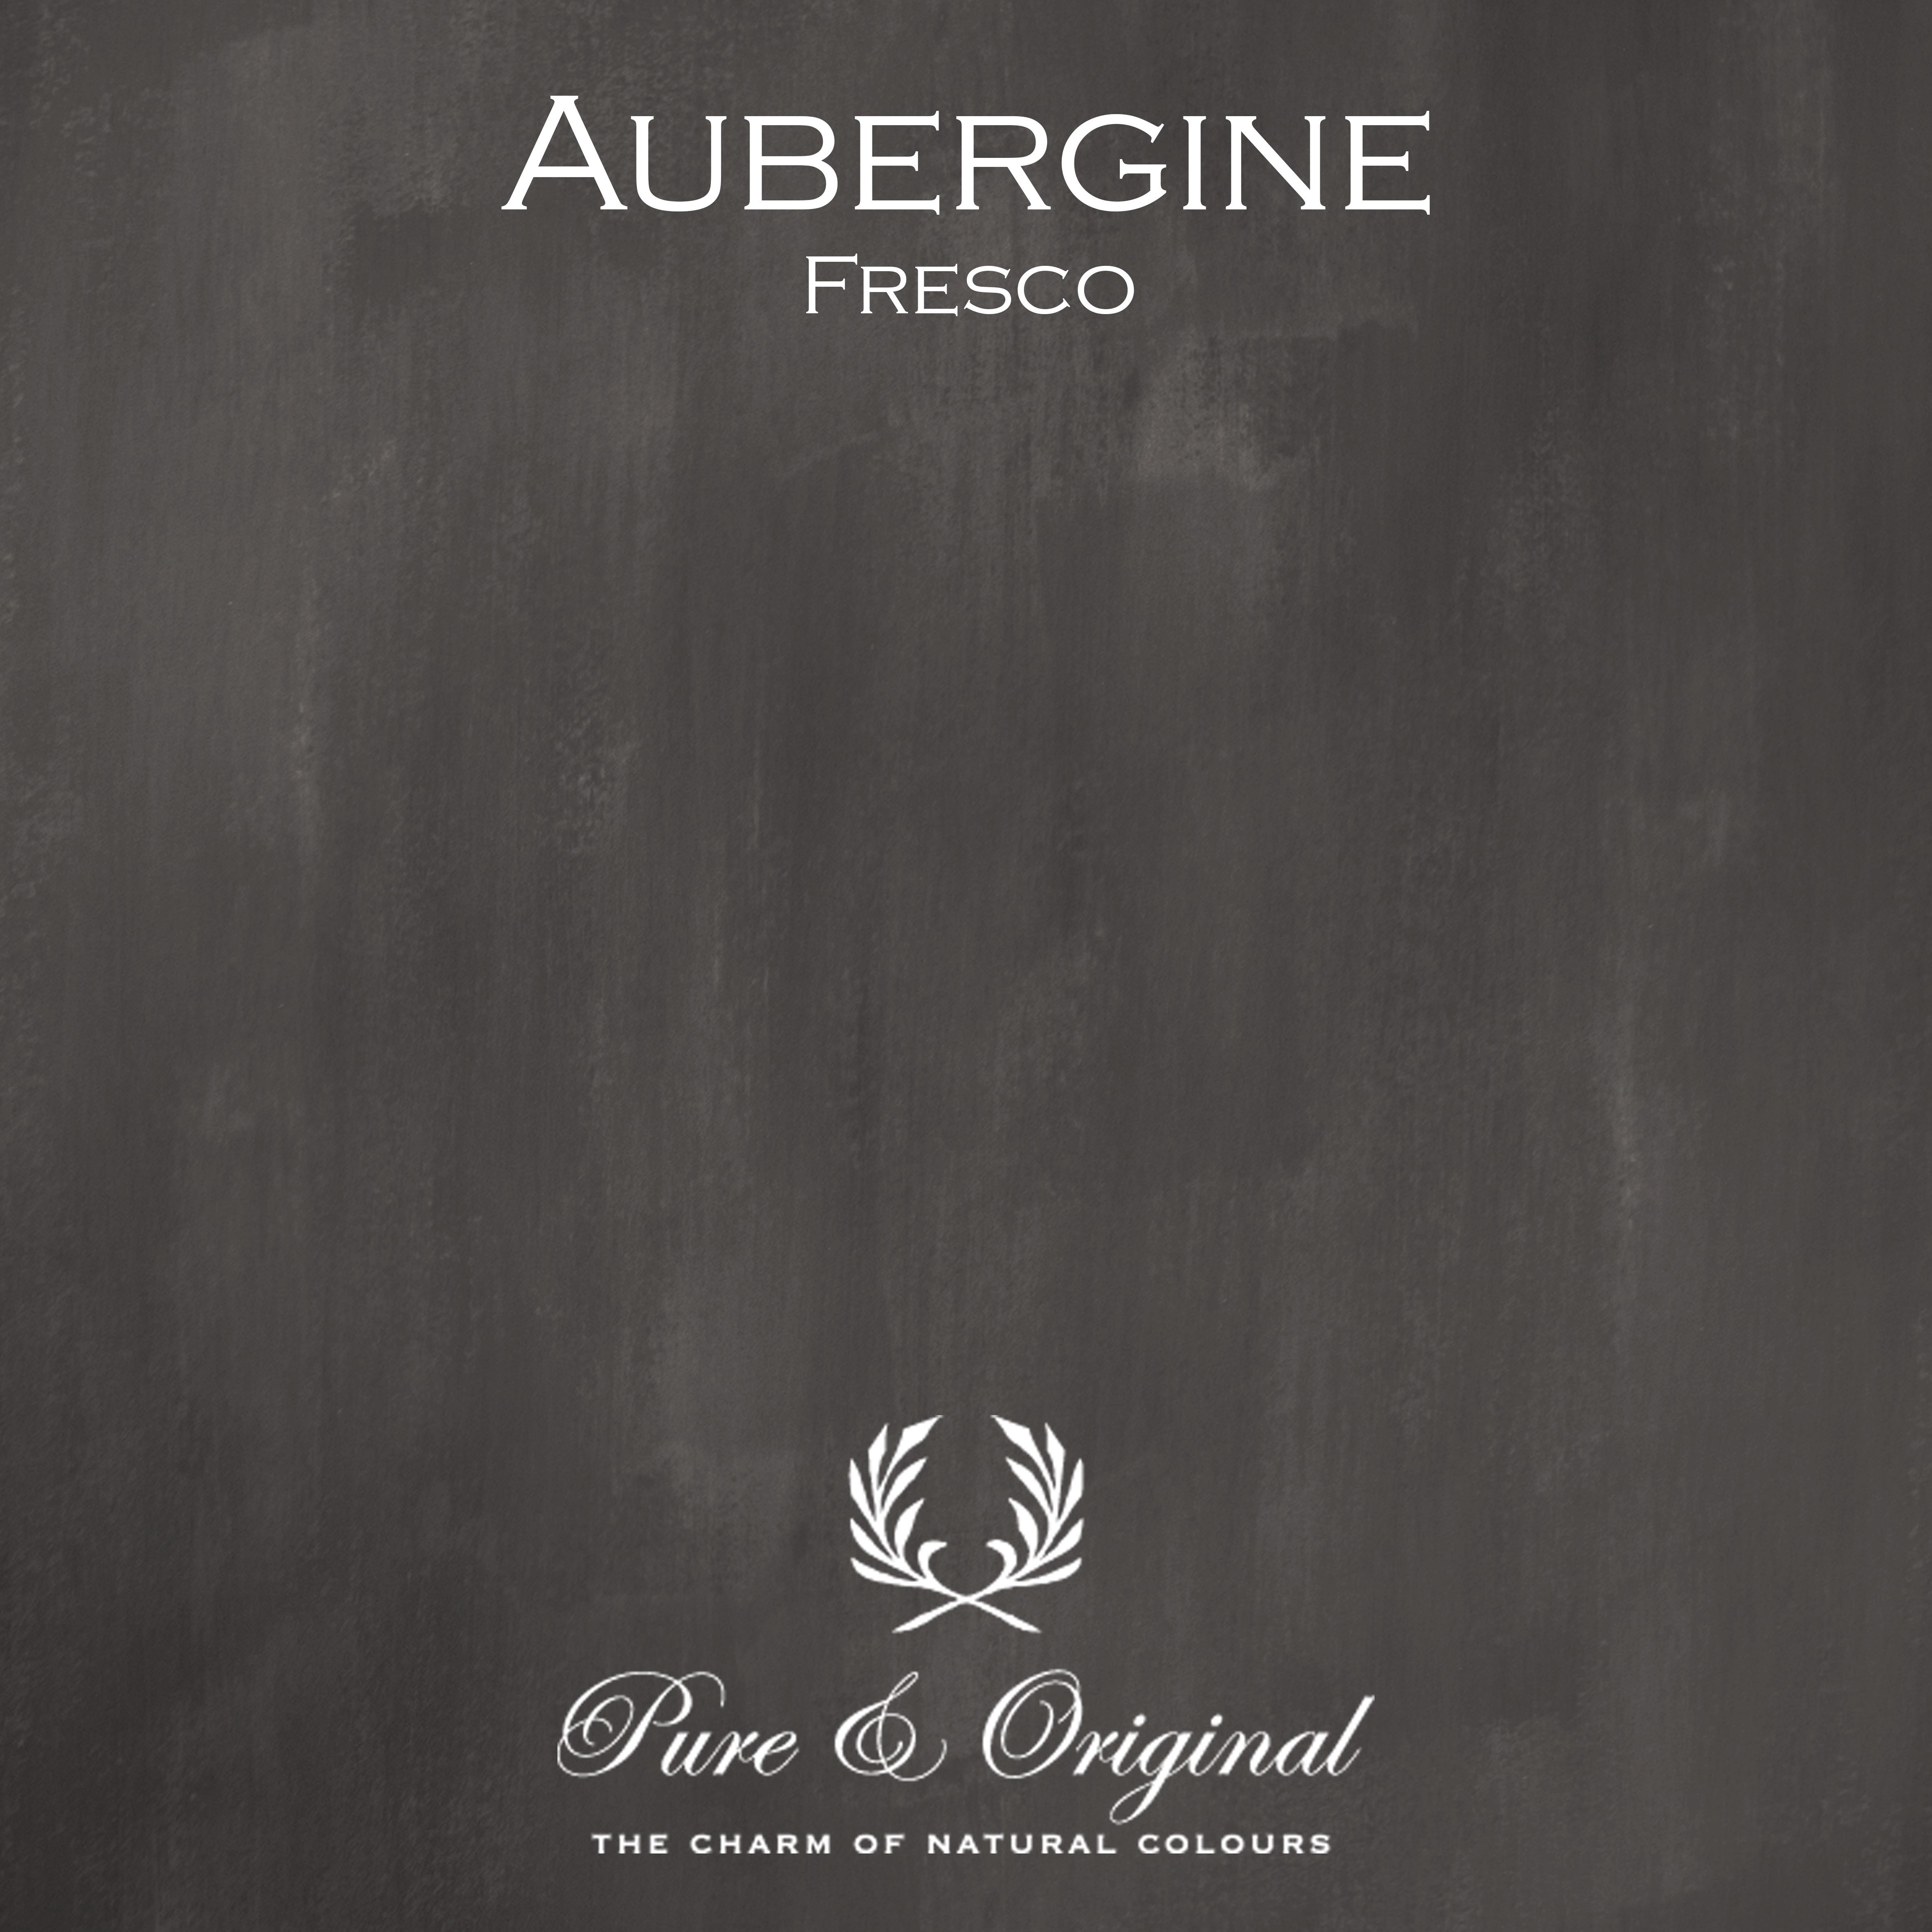 Kulör Aubergine, Fresco kalkfärg